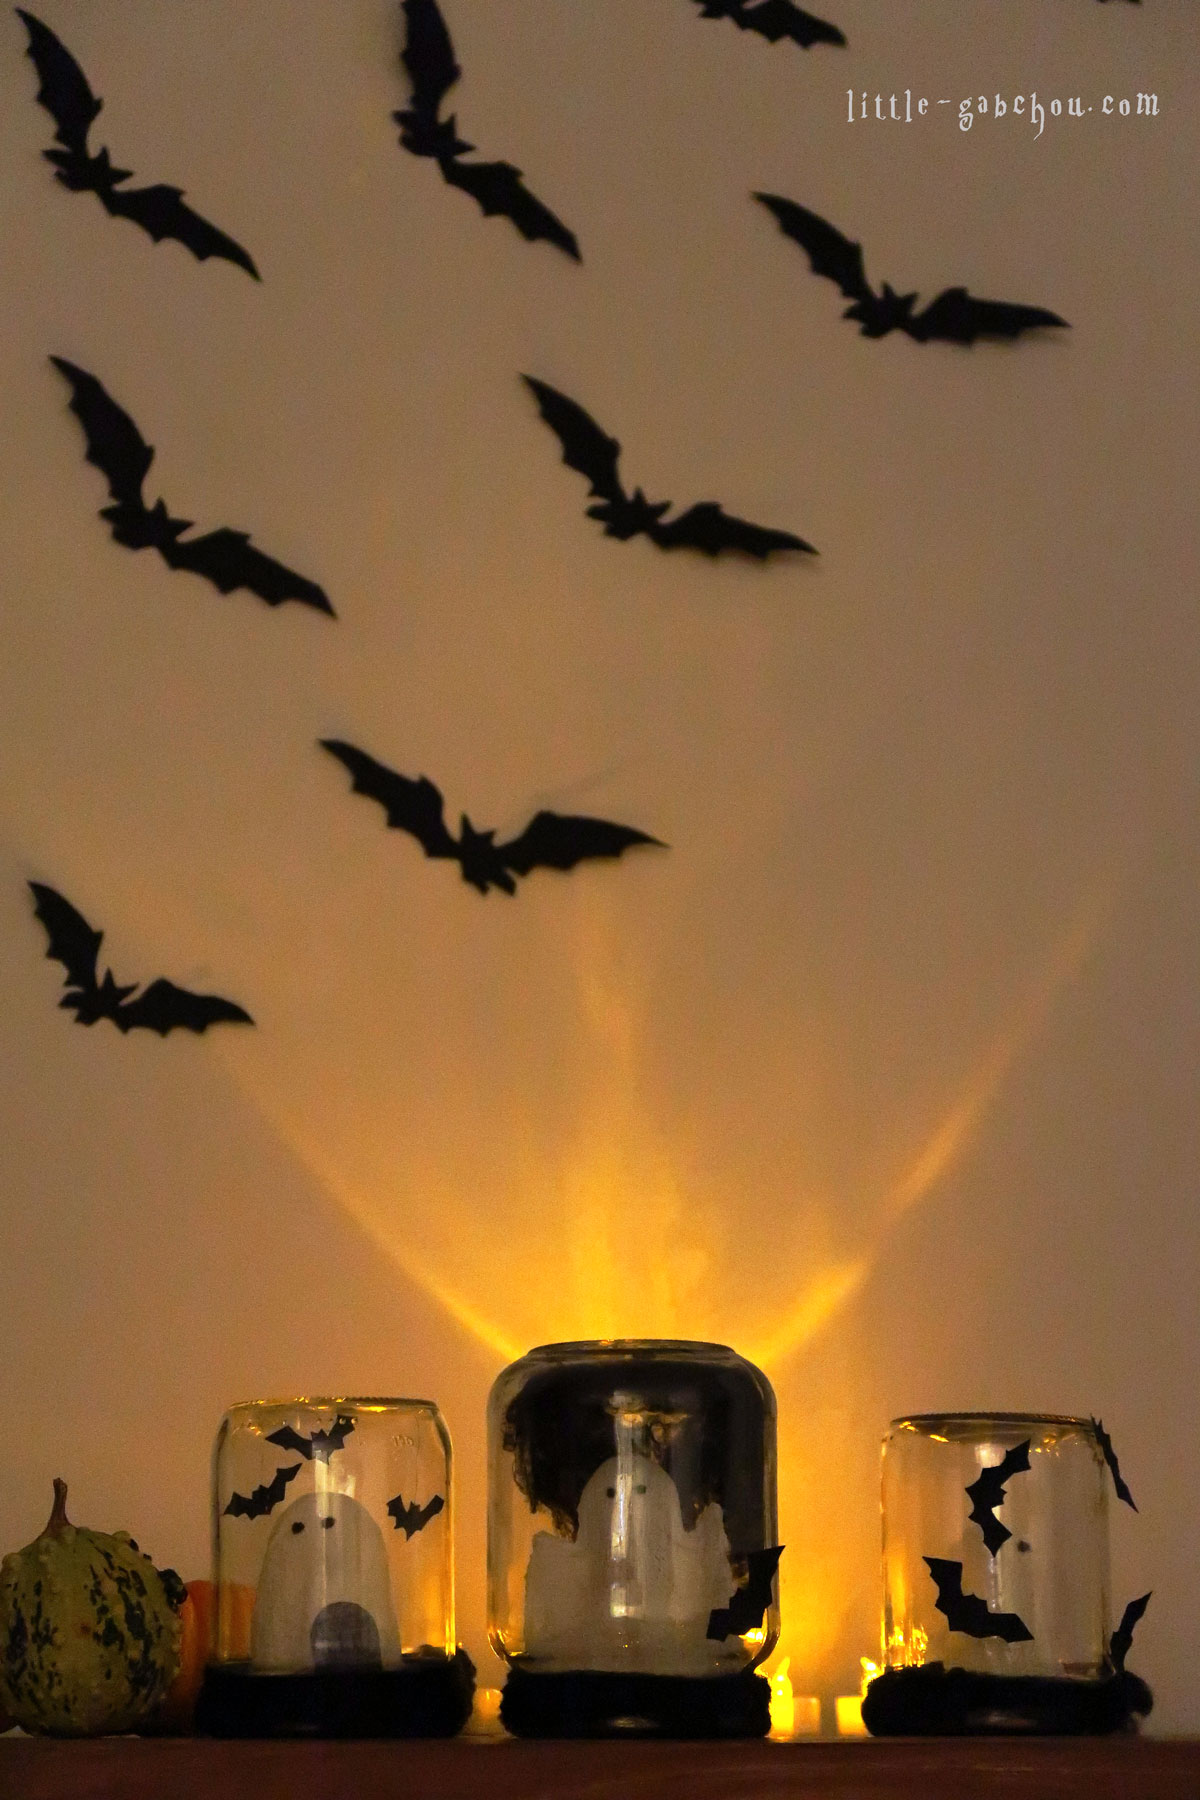 tuto décoration d'Halloween upcyclée